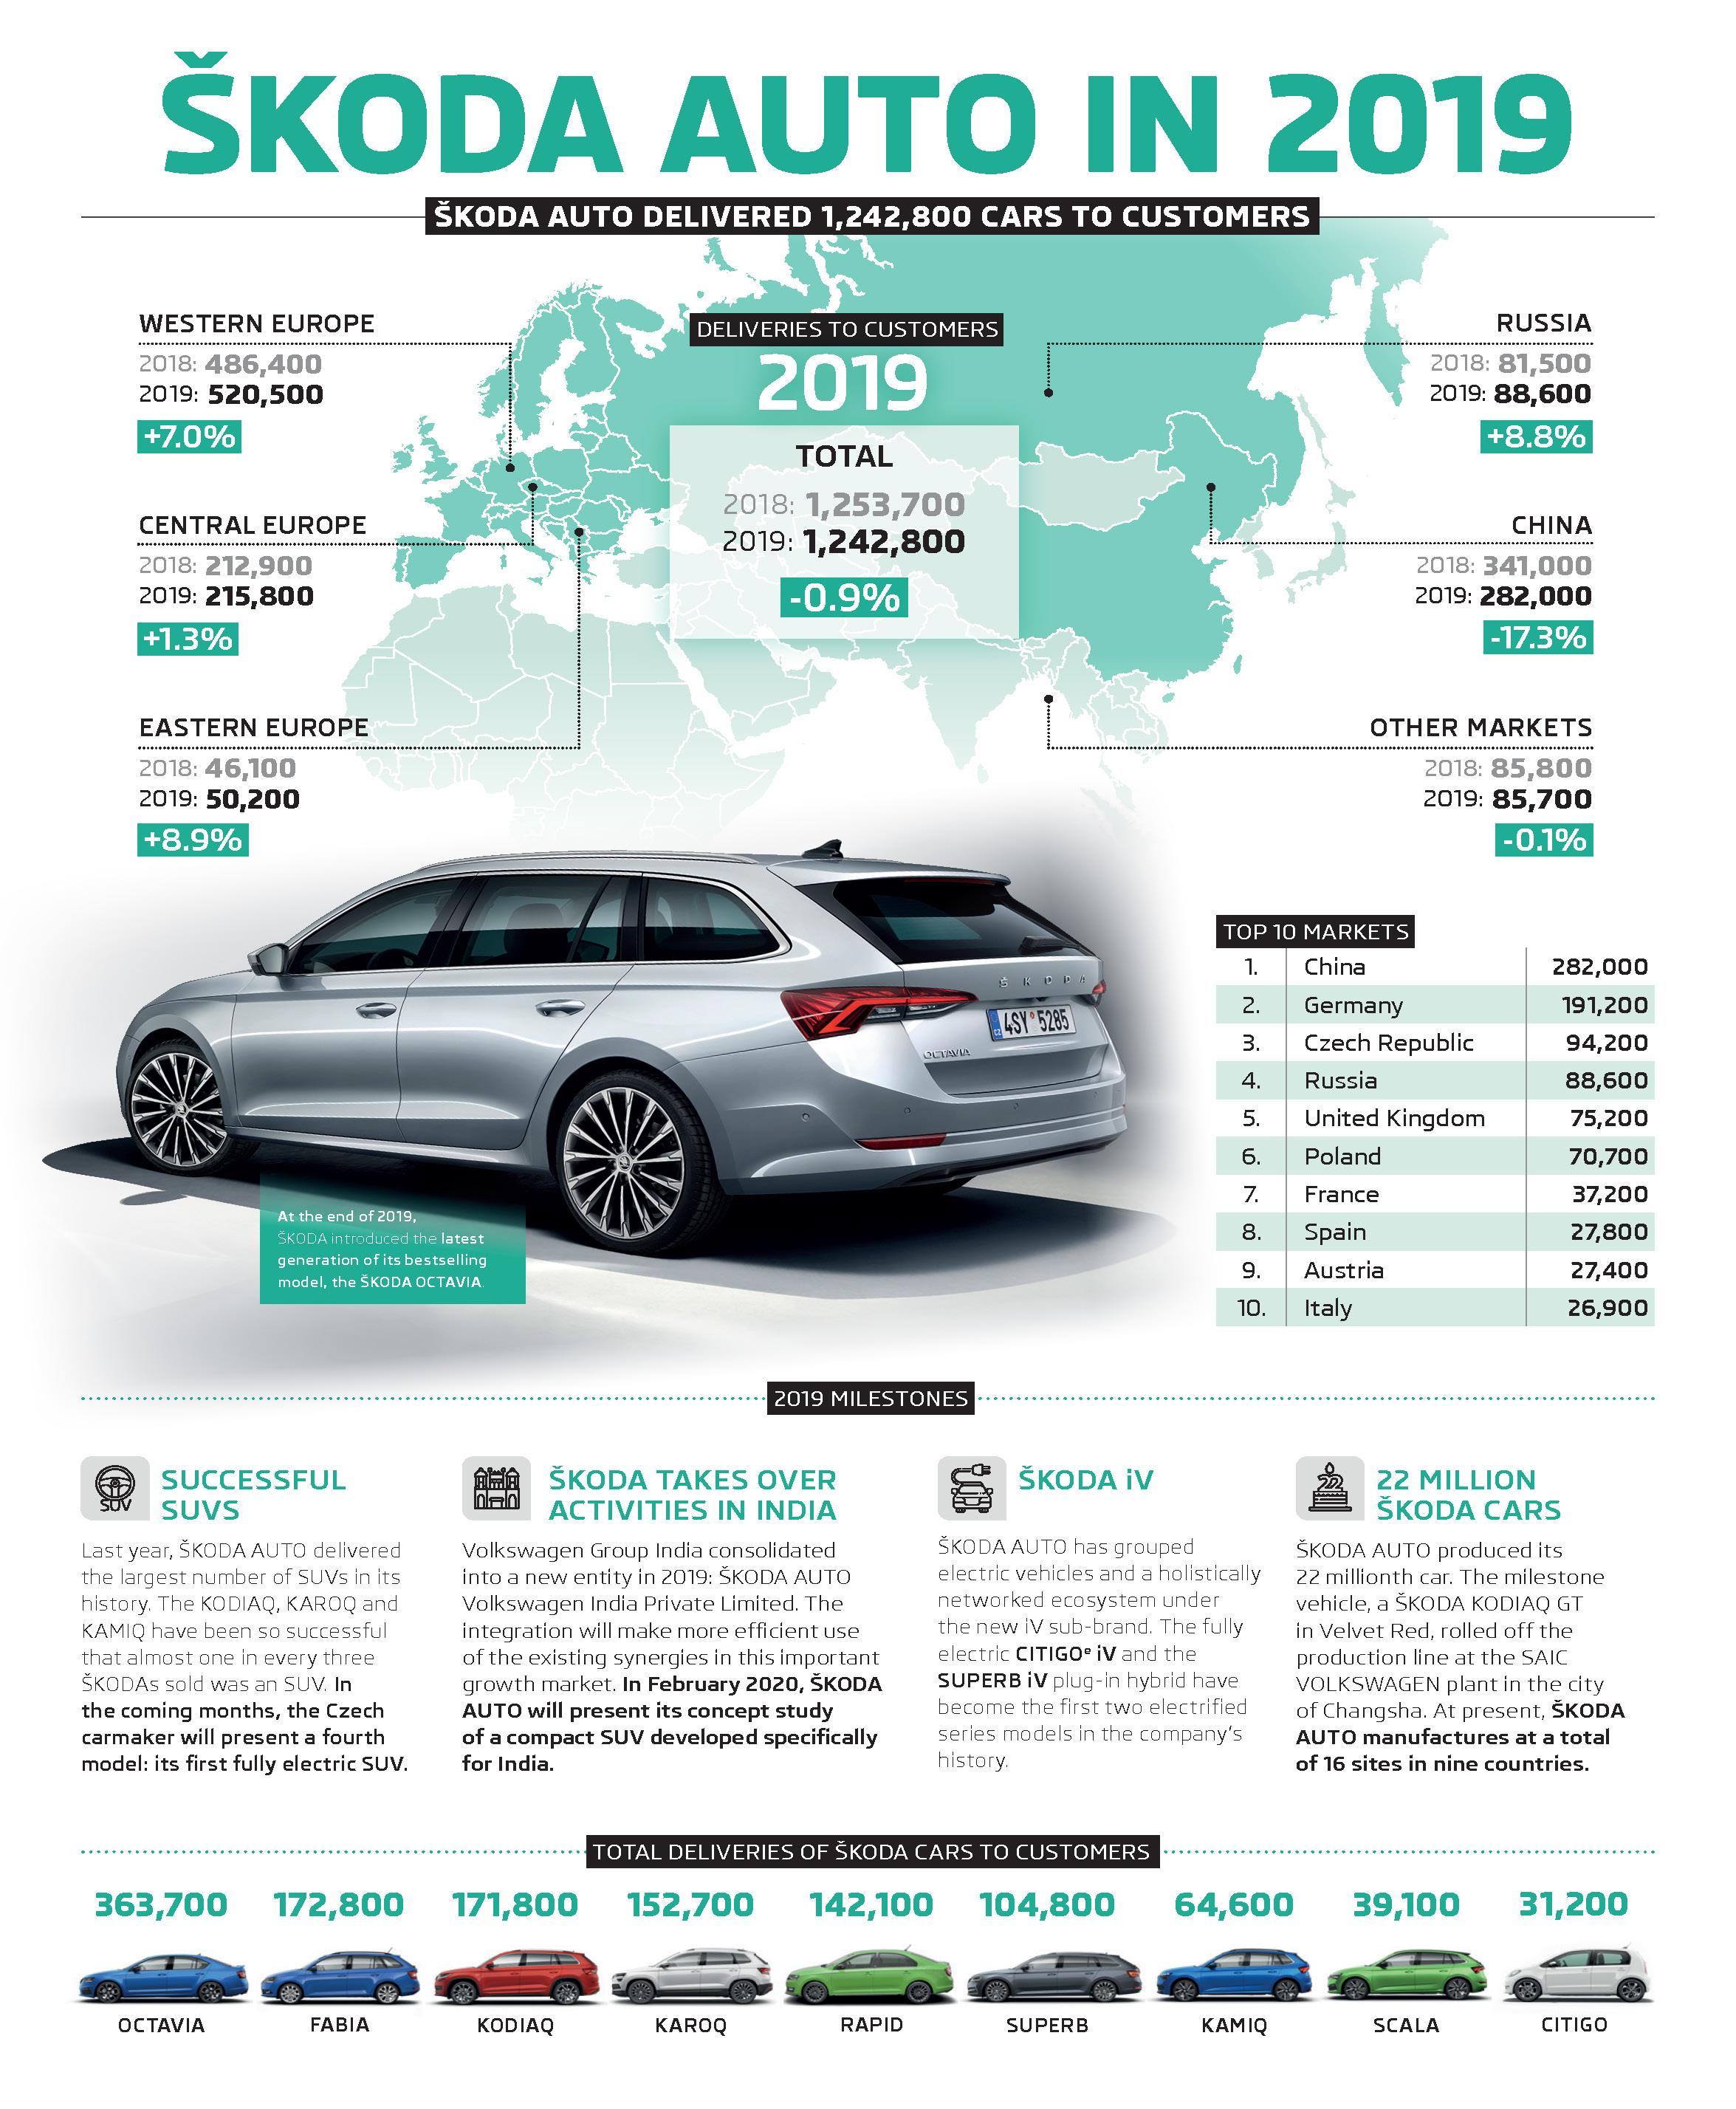 Skoda Delivers 1 24 Million Vehicles In 2019 Skoda Storyboard